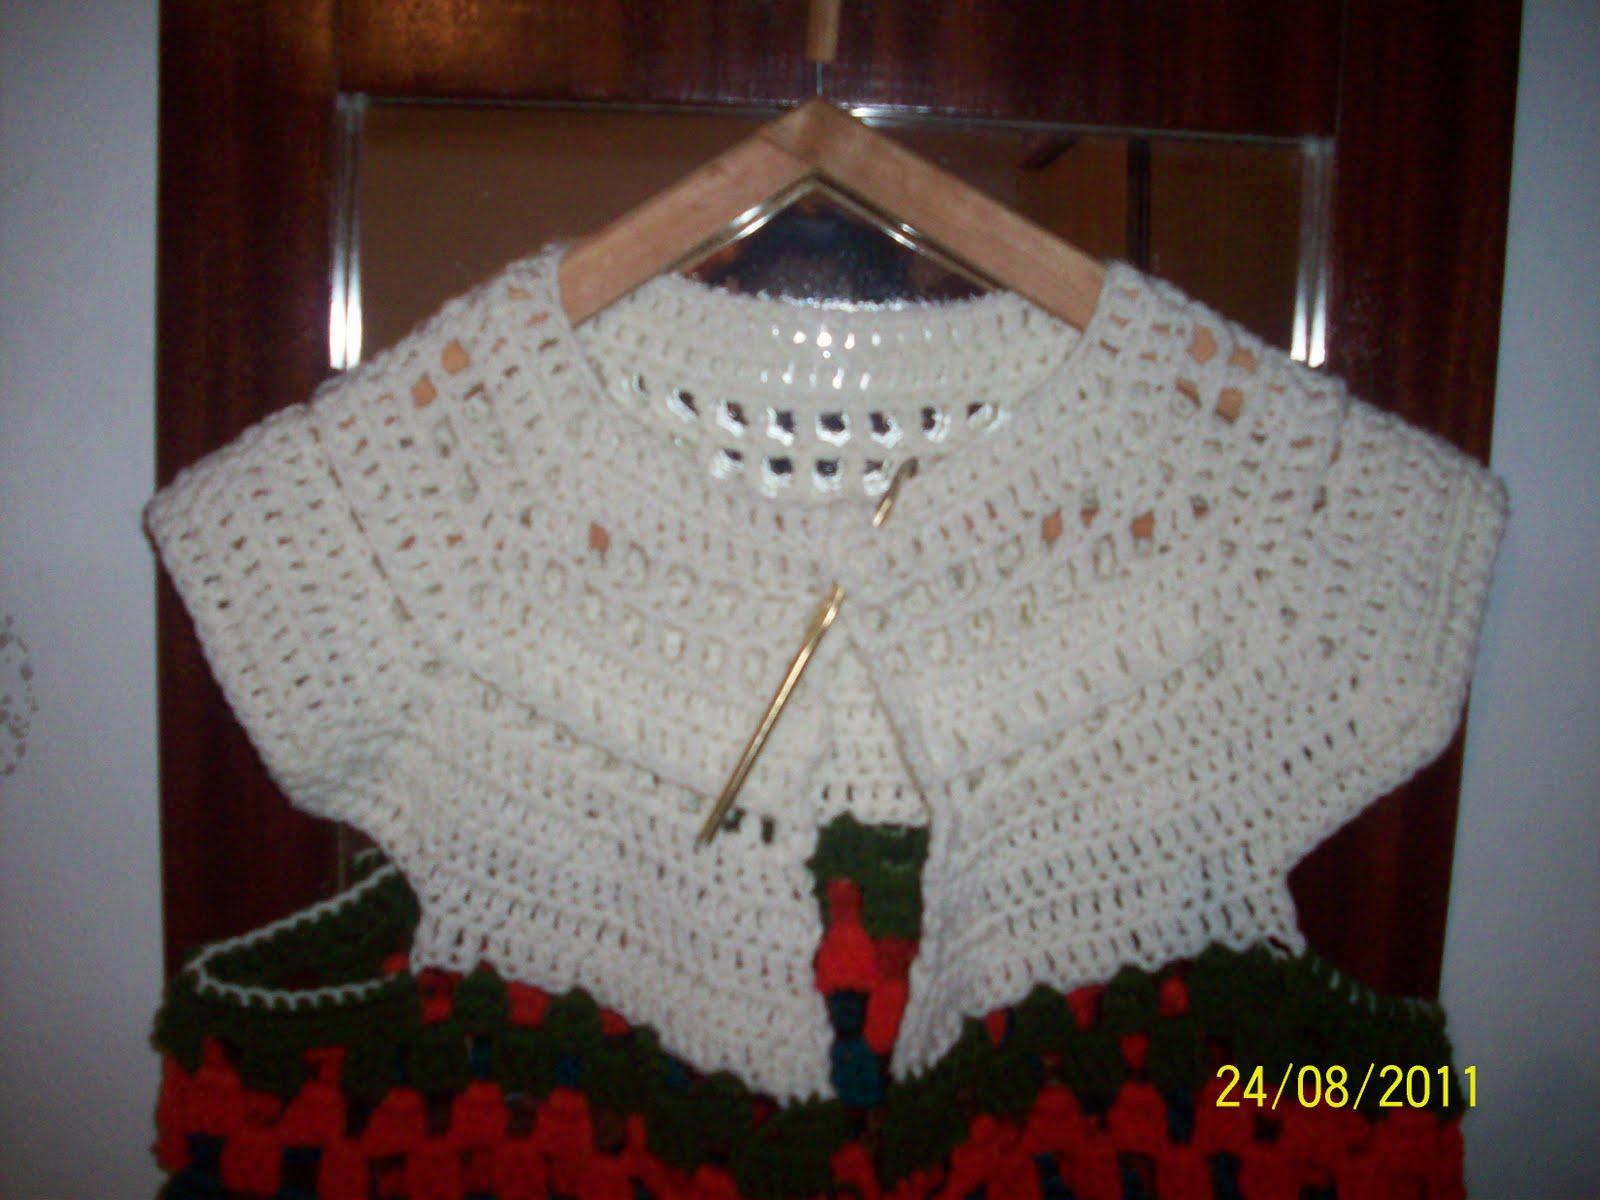 tener tantas bolsas con distintos bollitos de lanas de la temporada